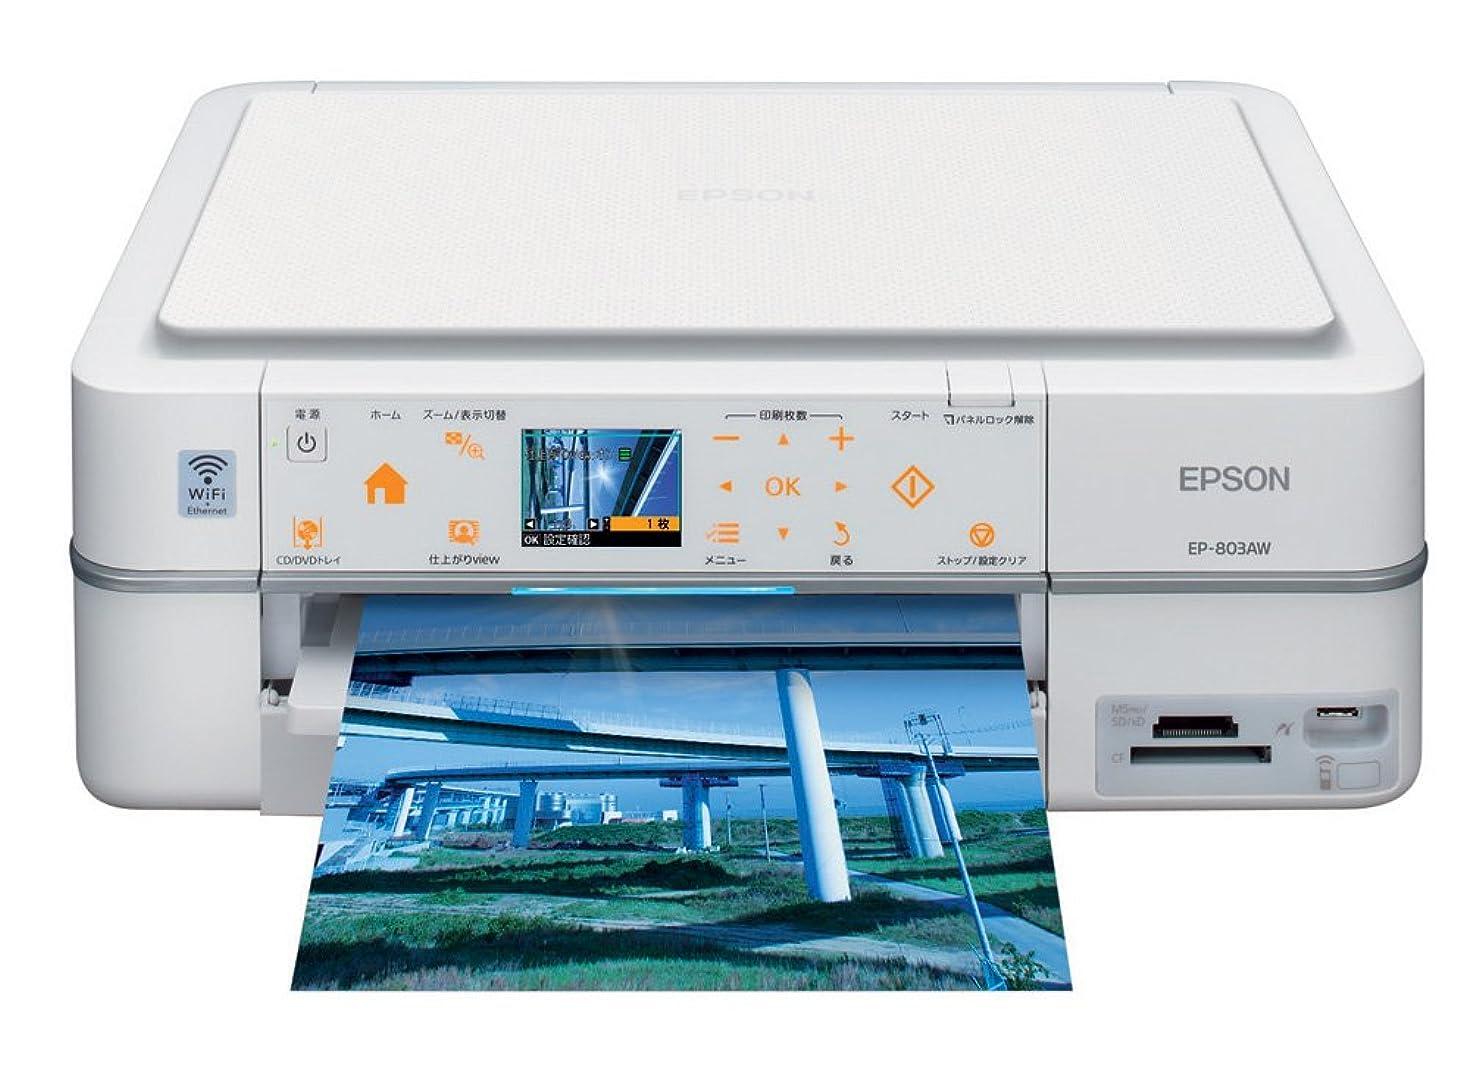 海上解体する森林EPSON Colorio インクジェット複合機 EP-803AW 有線?無線LAN標準搭載 カンタンLEDナビ搭載 前面二段給紙カセット 6色染料インク ホワイトモデル